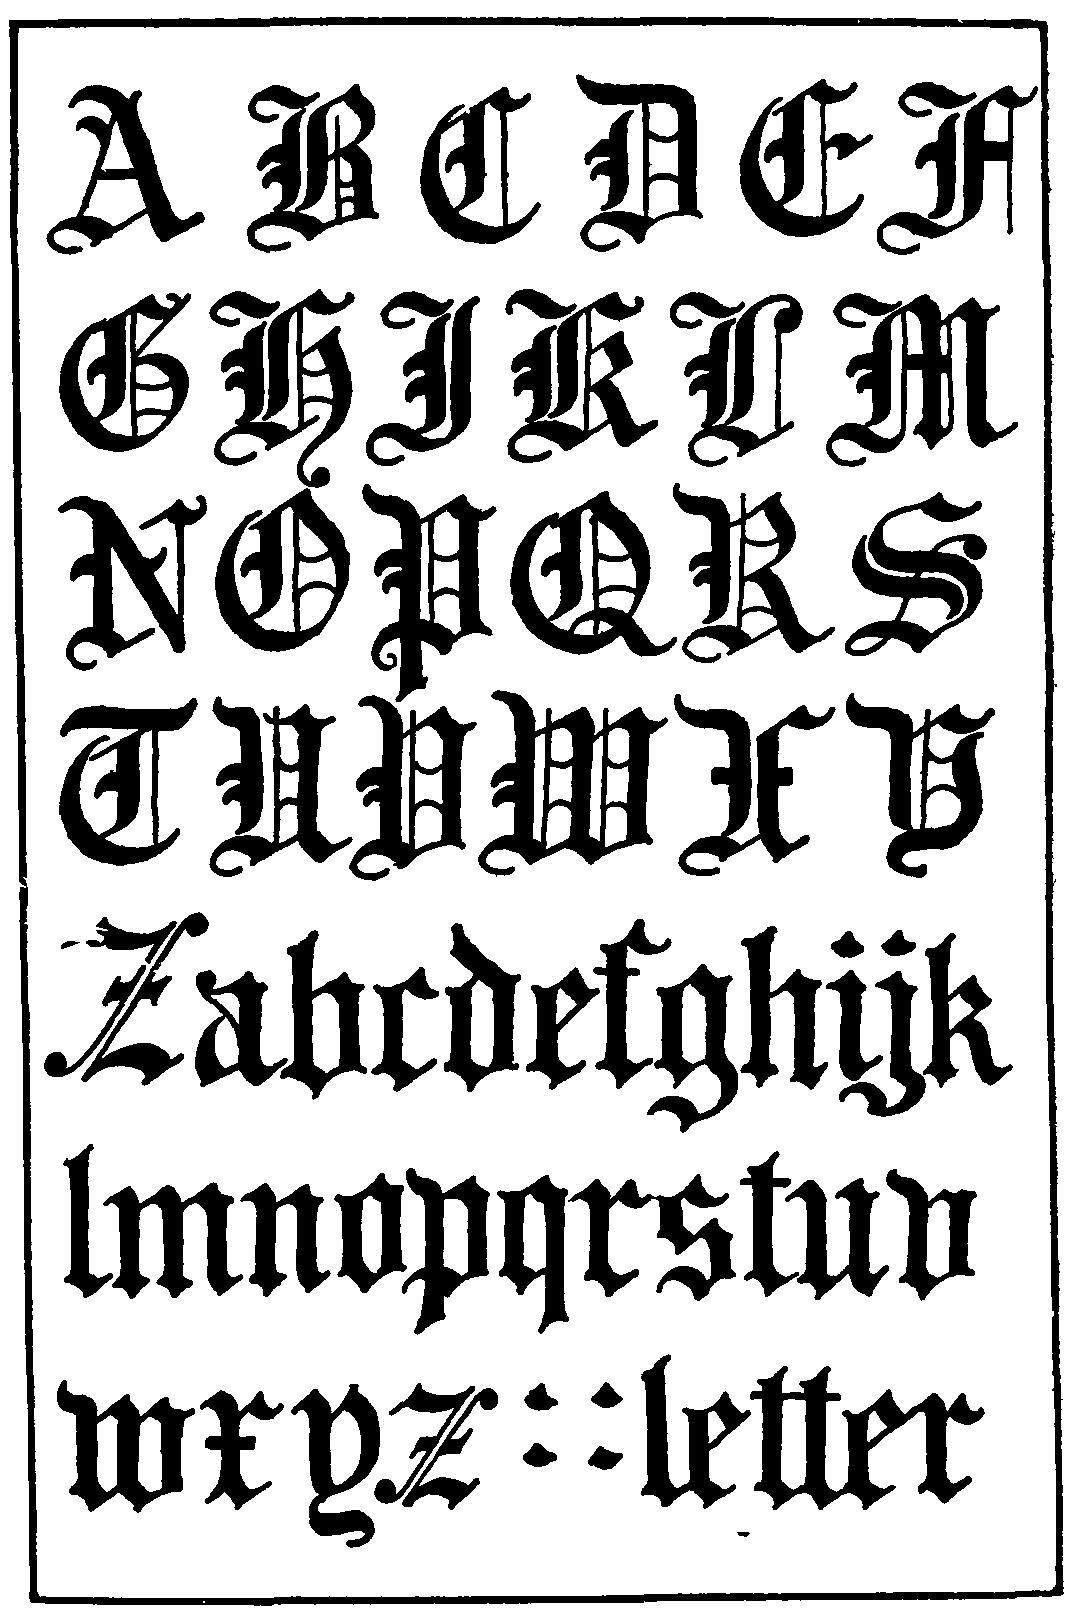 Gothic Font Alphabet Letters